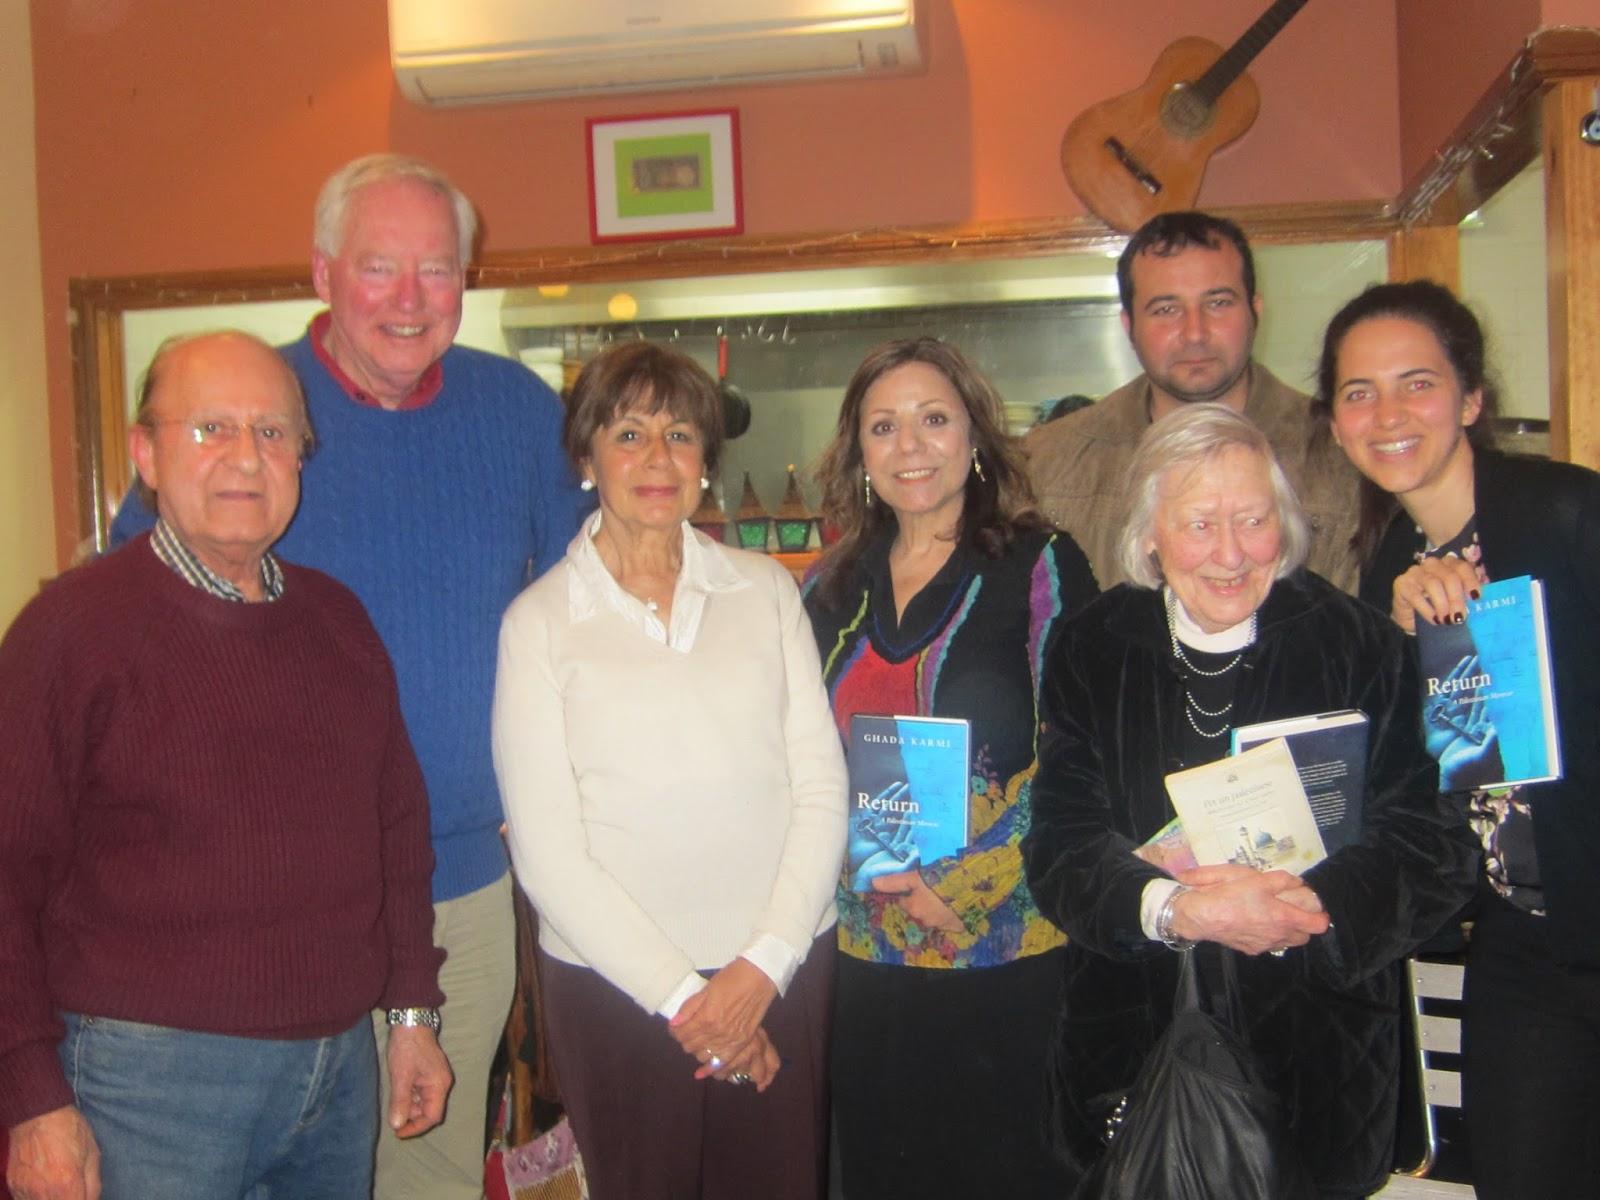 al ghorba dr ghada karmi s book in sydney return a palestinian by marcelle mansour